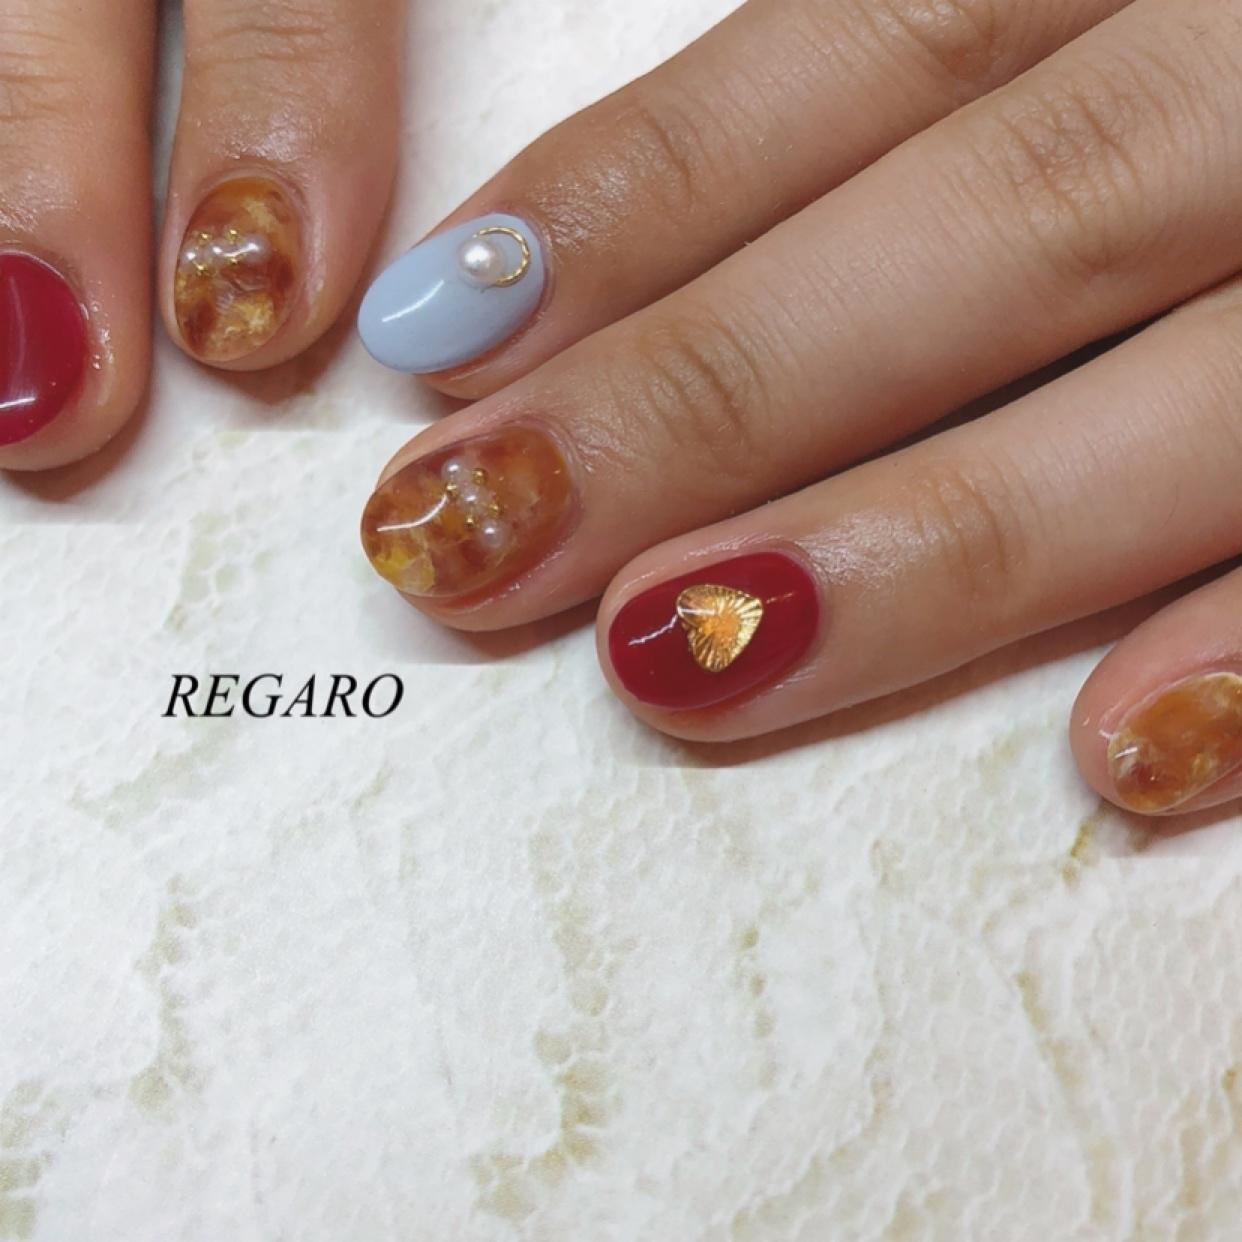 . べっ甲の季節( ¨̮ )❤ ,  #nails  #ジェル  #ジェルネイル  #ネイル  #ネイルサロン #べっ甲